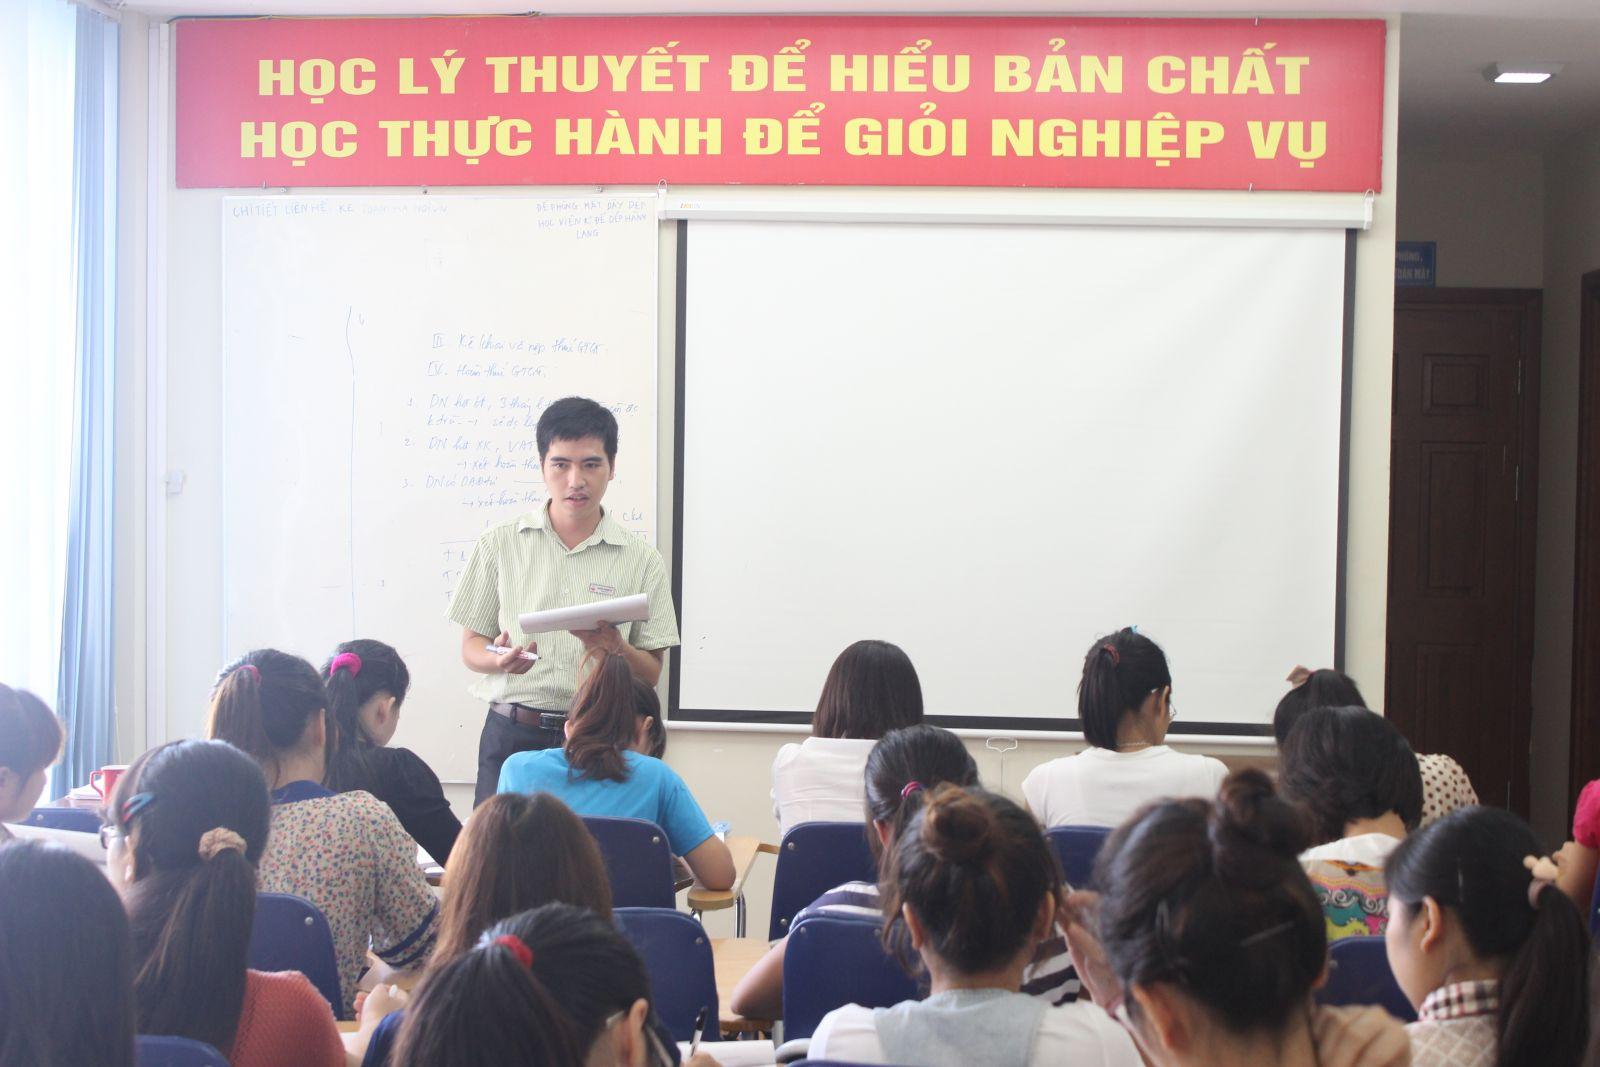 lop hoc ke toan ha noi Địa chỉ trung tâm học thực hành kế toán tại Hà Đông